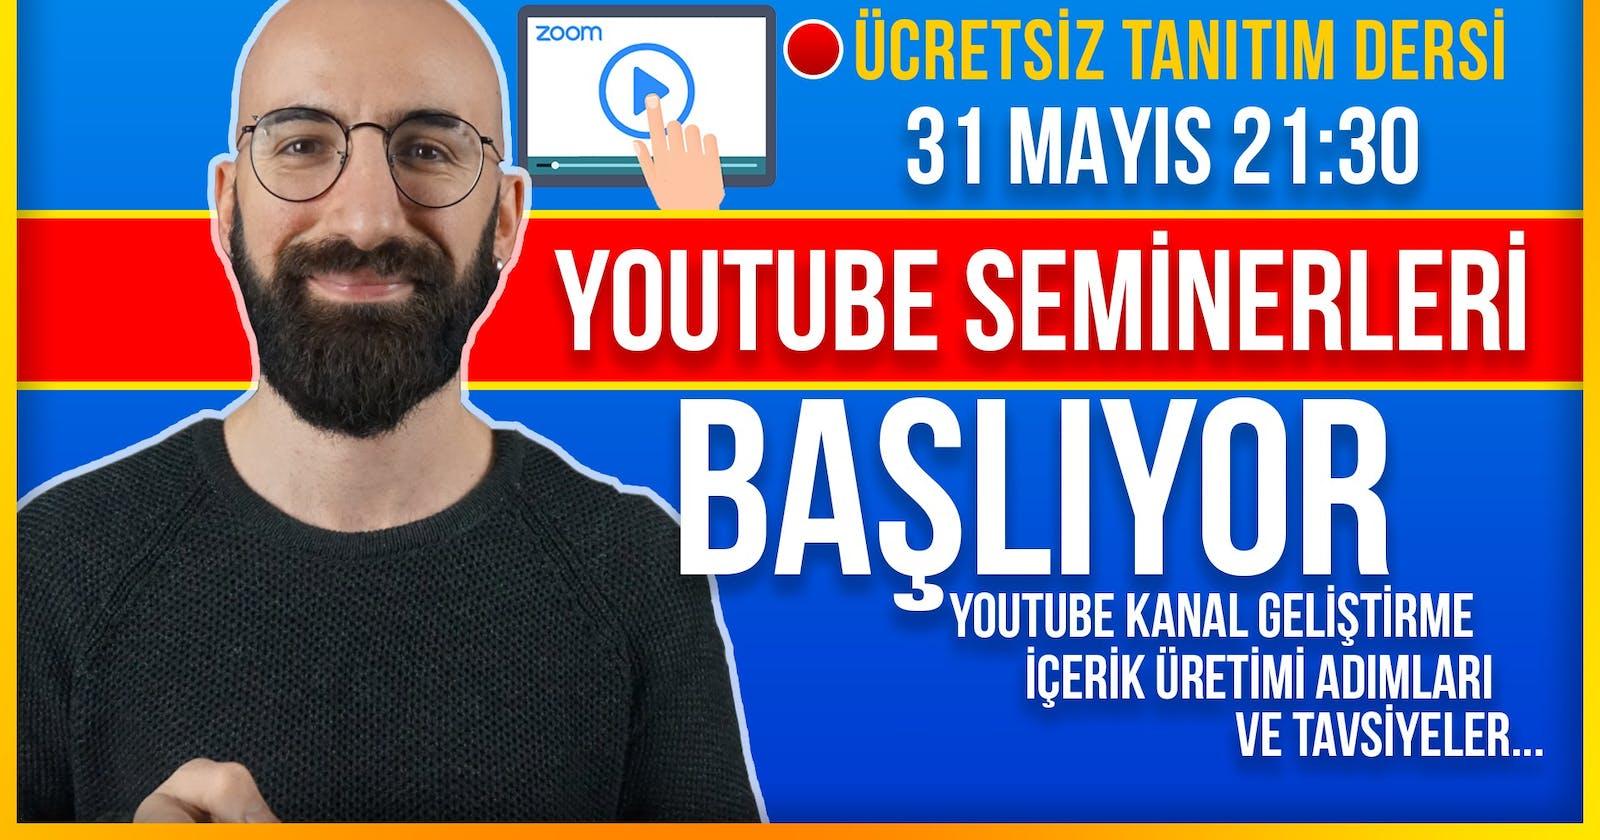 Youtube İçerik Üretimi Seminerleri Başlıyor- (Youtuber Olmak- Youtube İçin Profesyonel İçerik Üretimi